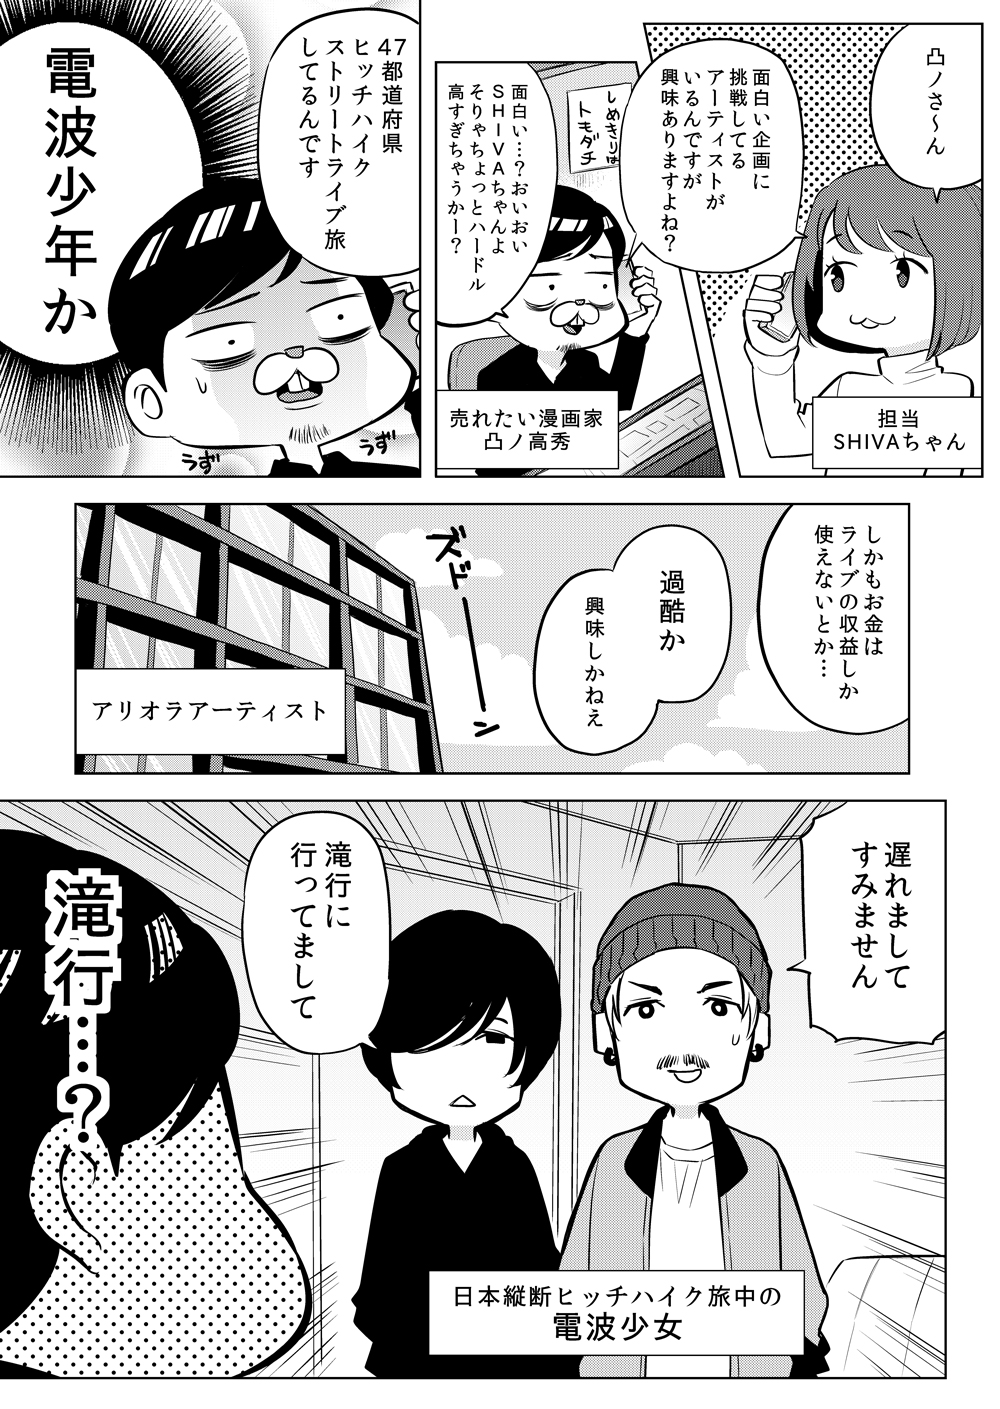 denpa-girl-manga-01